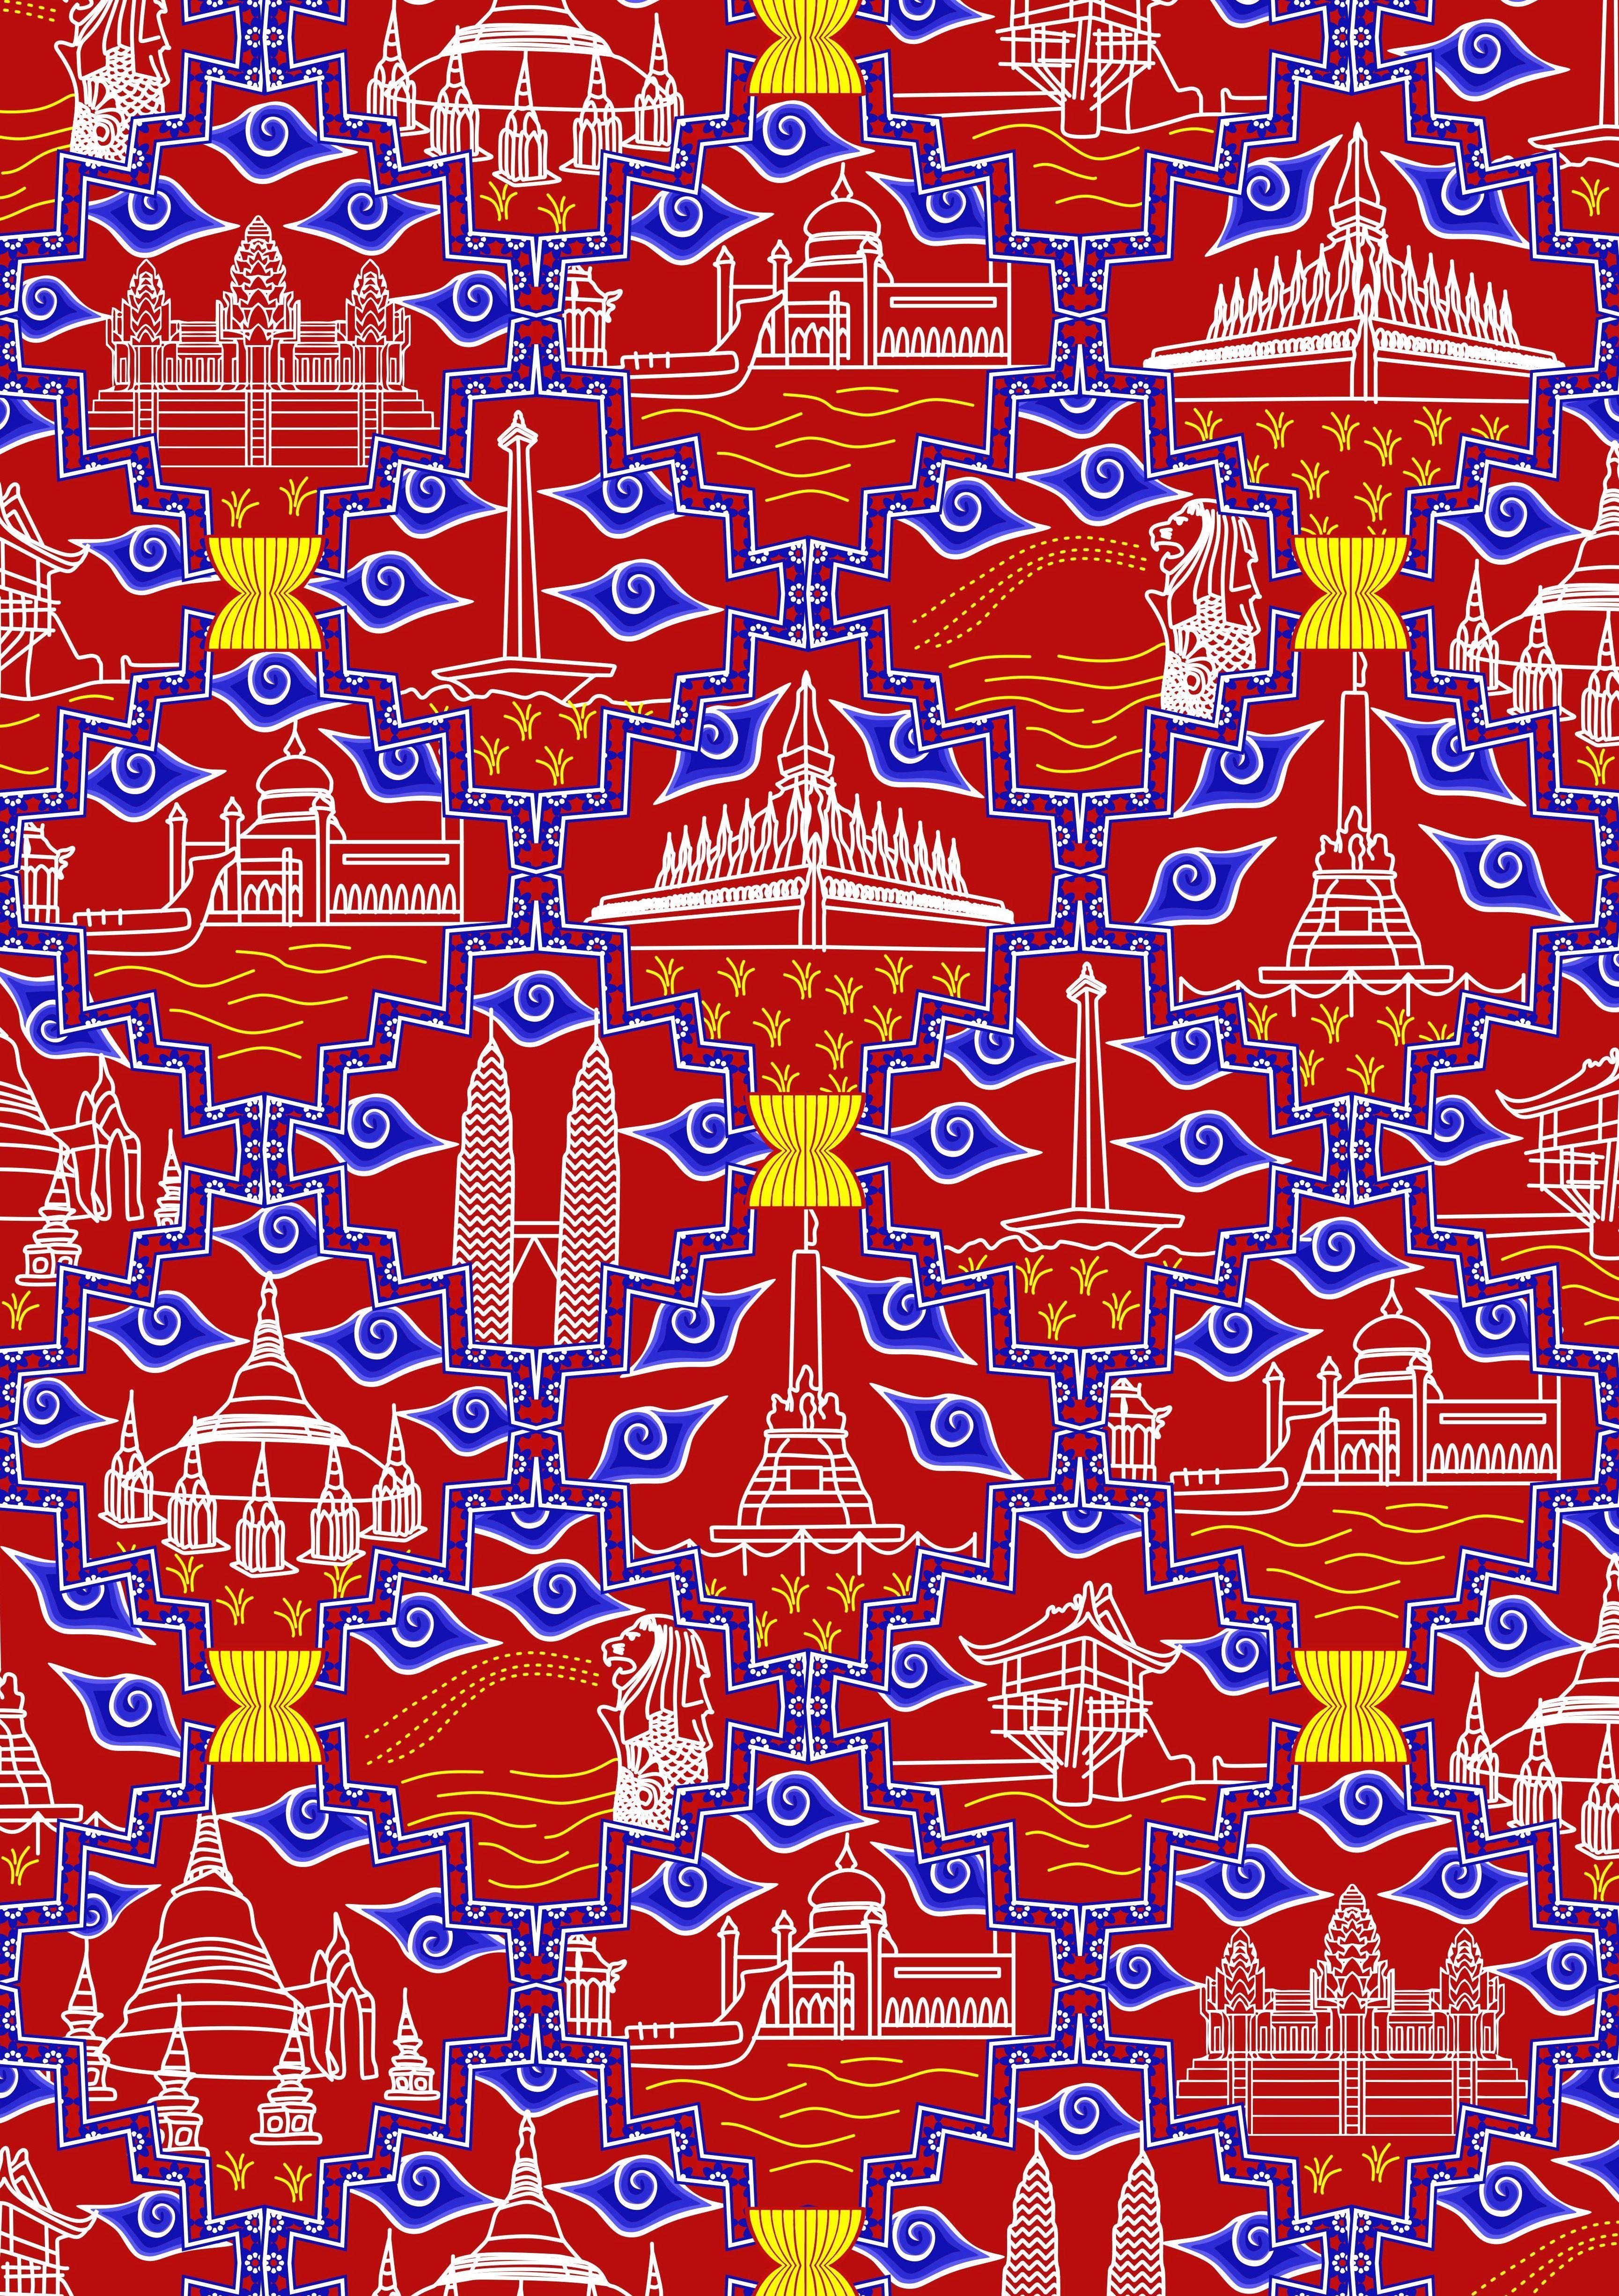 desain batik by Irsan Aditya untuk lomba batik ASEAN 2015 ...